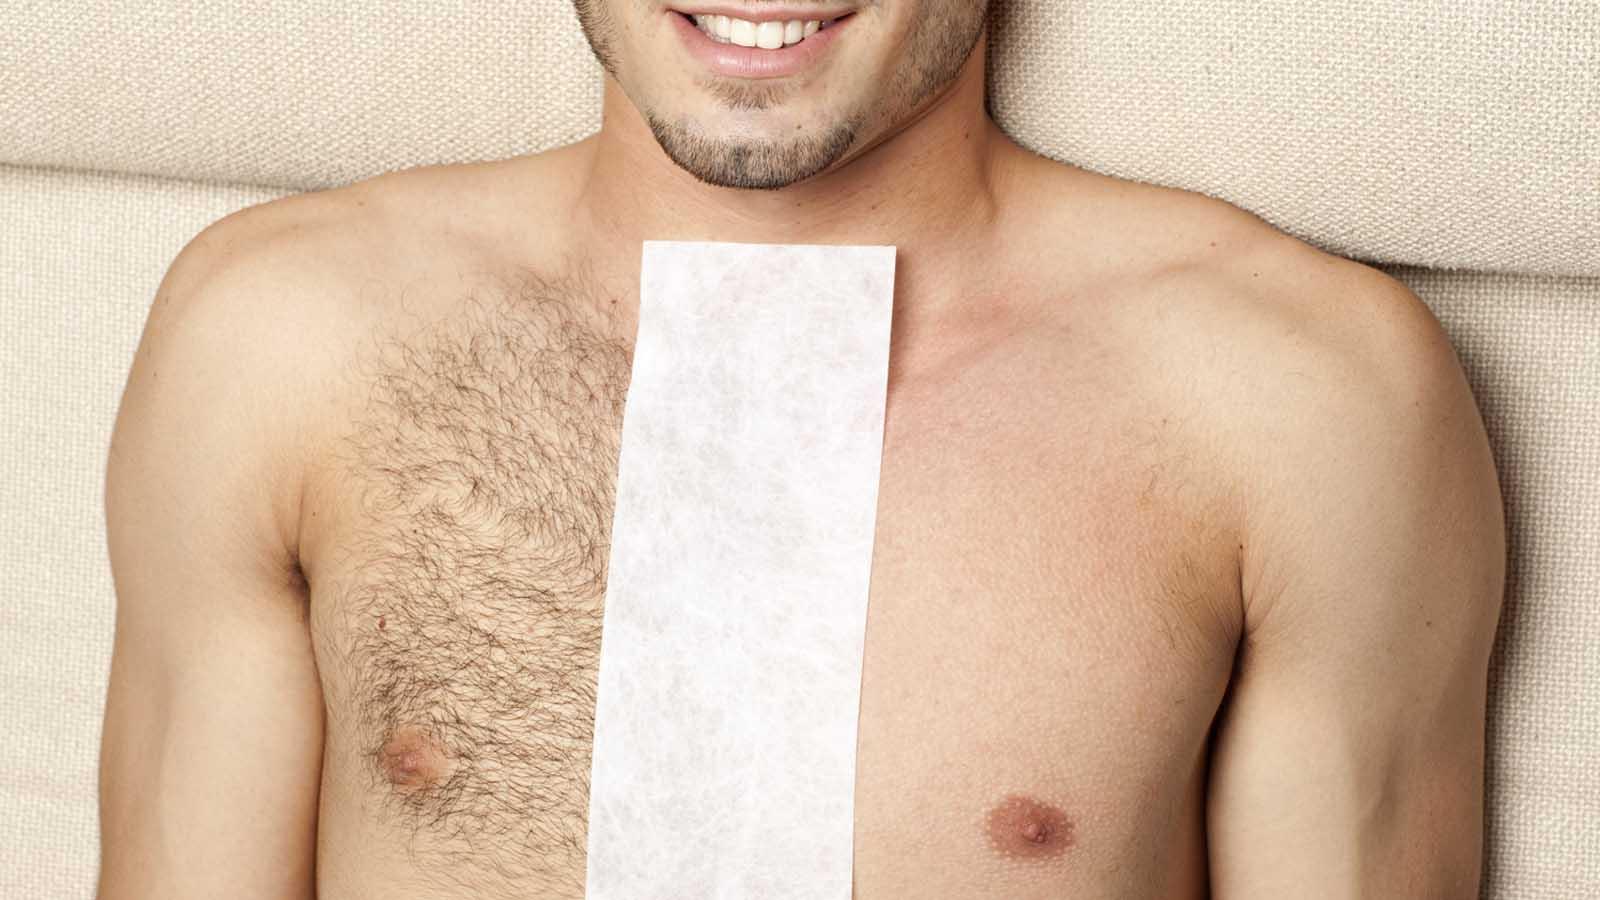 بالصور طريقة حلق شعر الدبر للرجل بالصور , طريقة سهلة للتخلص من شعر الجسد عند الرجال 521 8